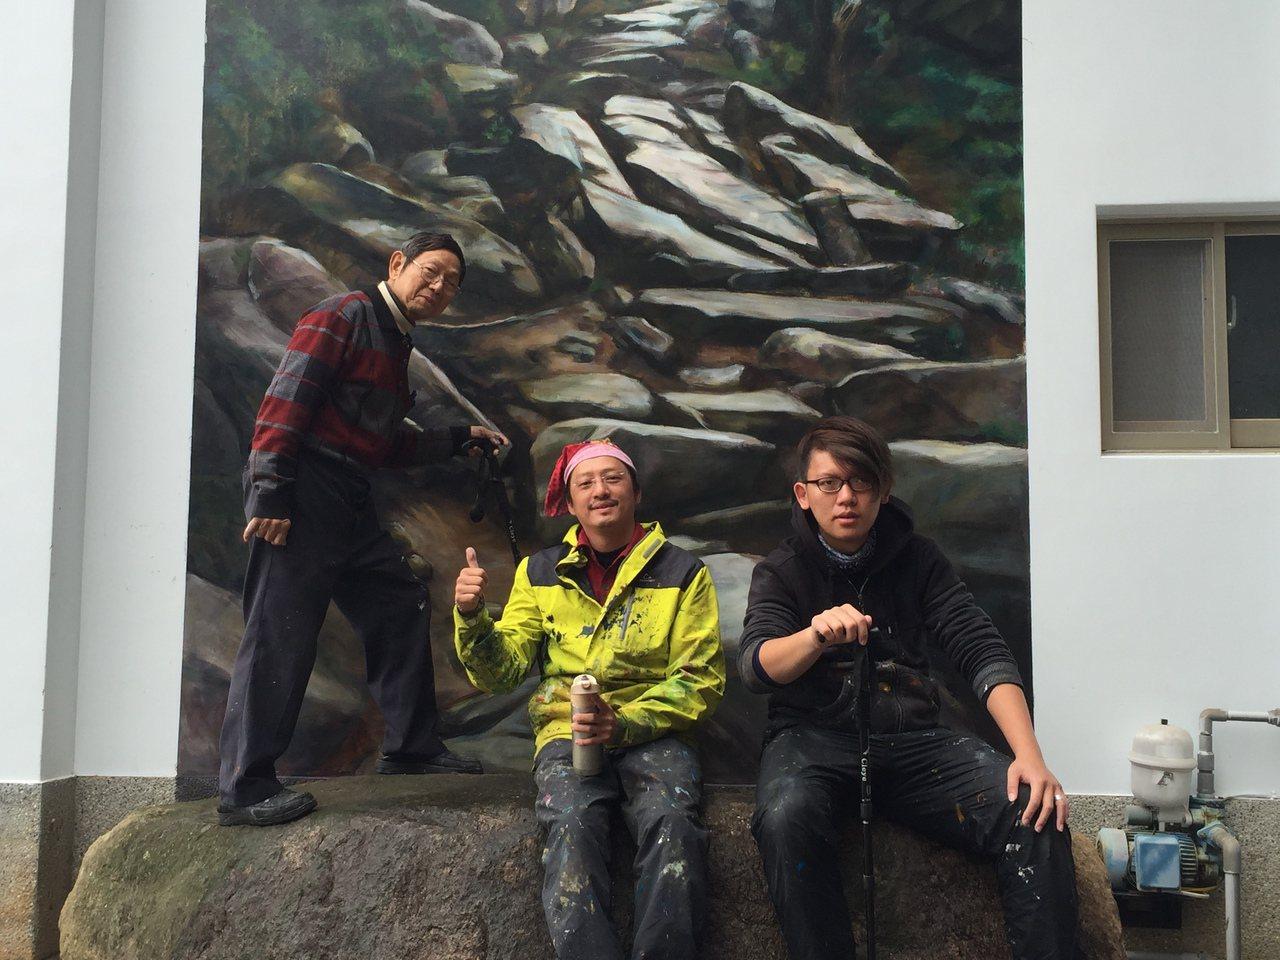 知名畫家鄒佳哲(中)應金門縣文化局之邀,把崎嶇難行的豆腐古道畫在牆上,他與2助手...